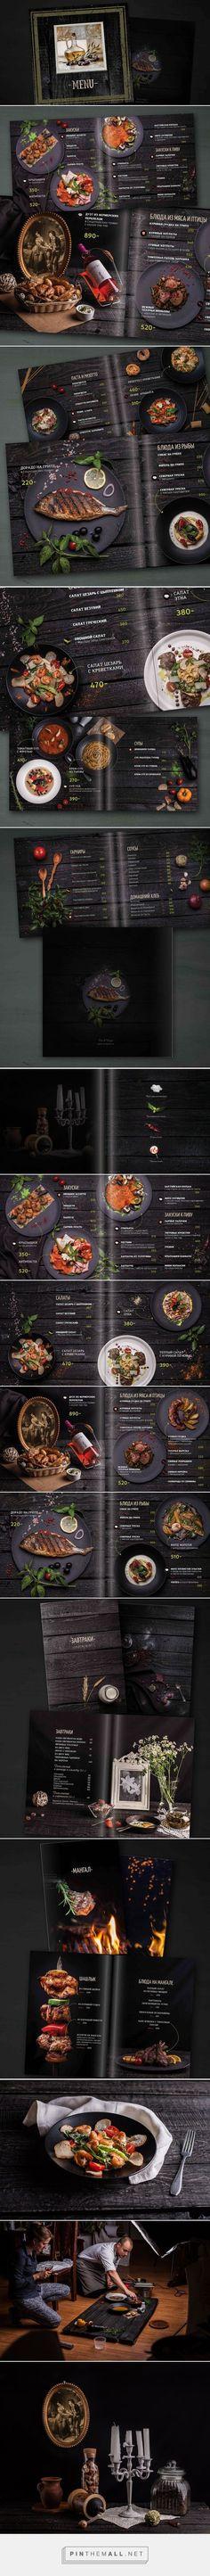 51 ideas for design menu restaurant layout branding Menu Restaurant, Restaurant Design, Restaurant Interiors, Menu Card Design, Food Menu Design, Corporate Design, Steak Shop, Menu Layout, Menu Book